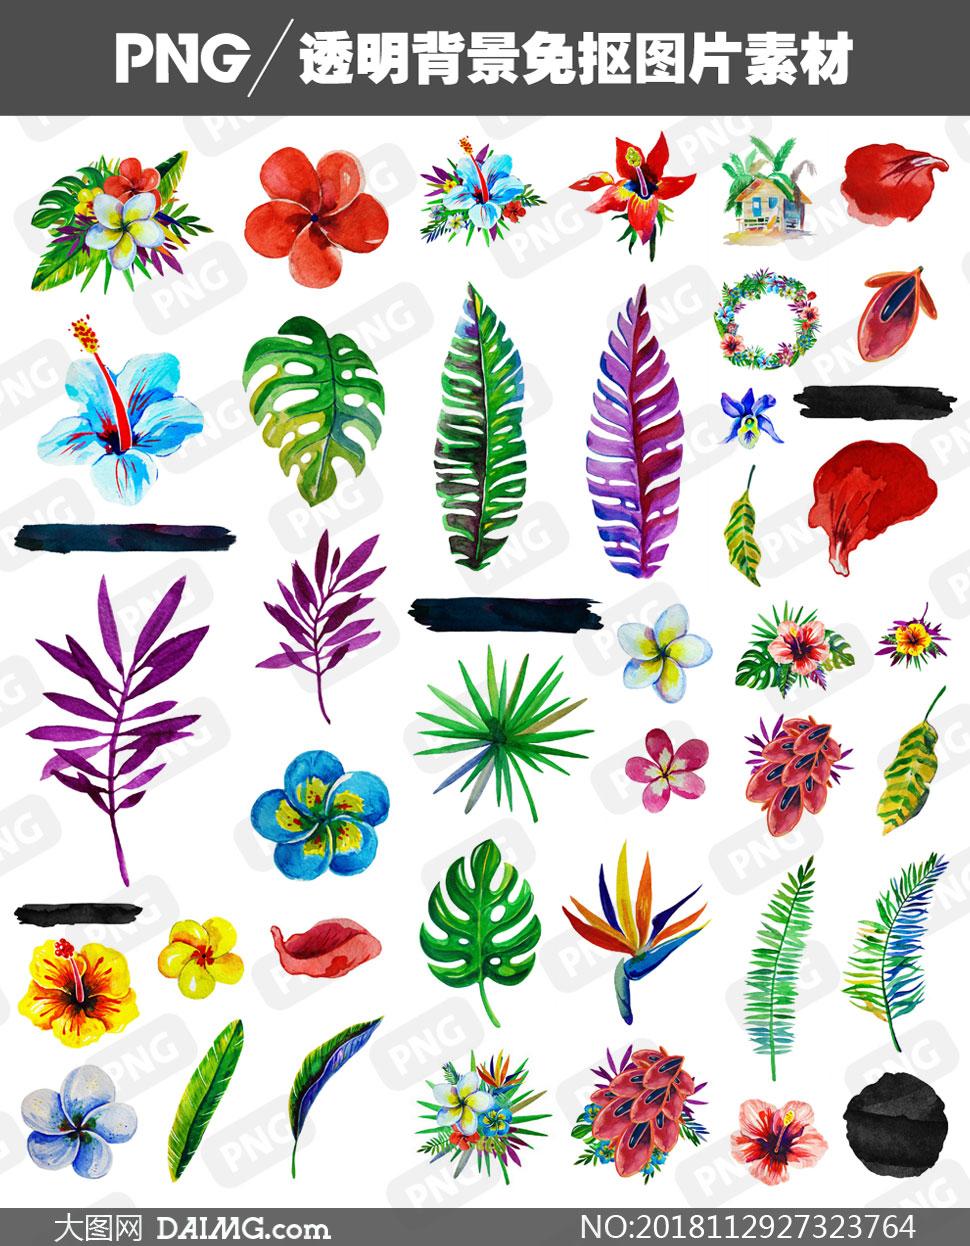 水彩效果熱帶風情植物免摳圖片素材